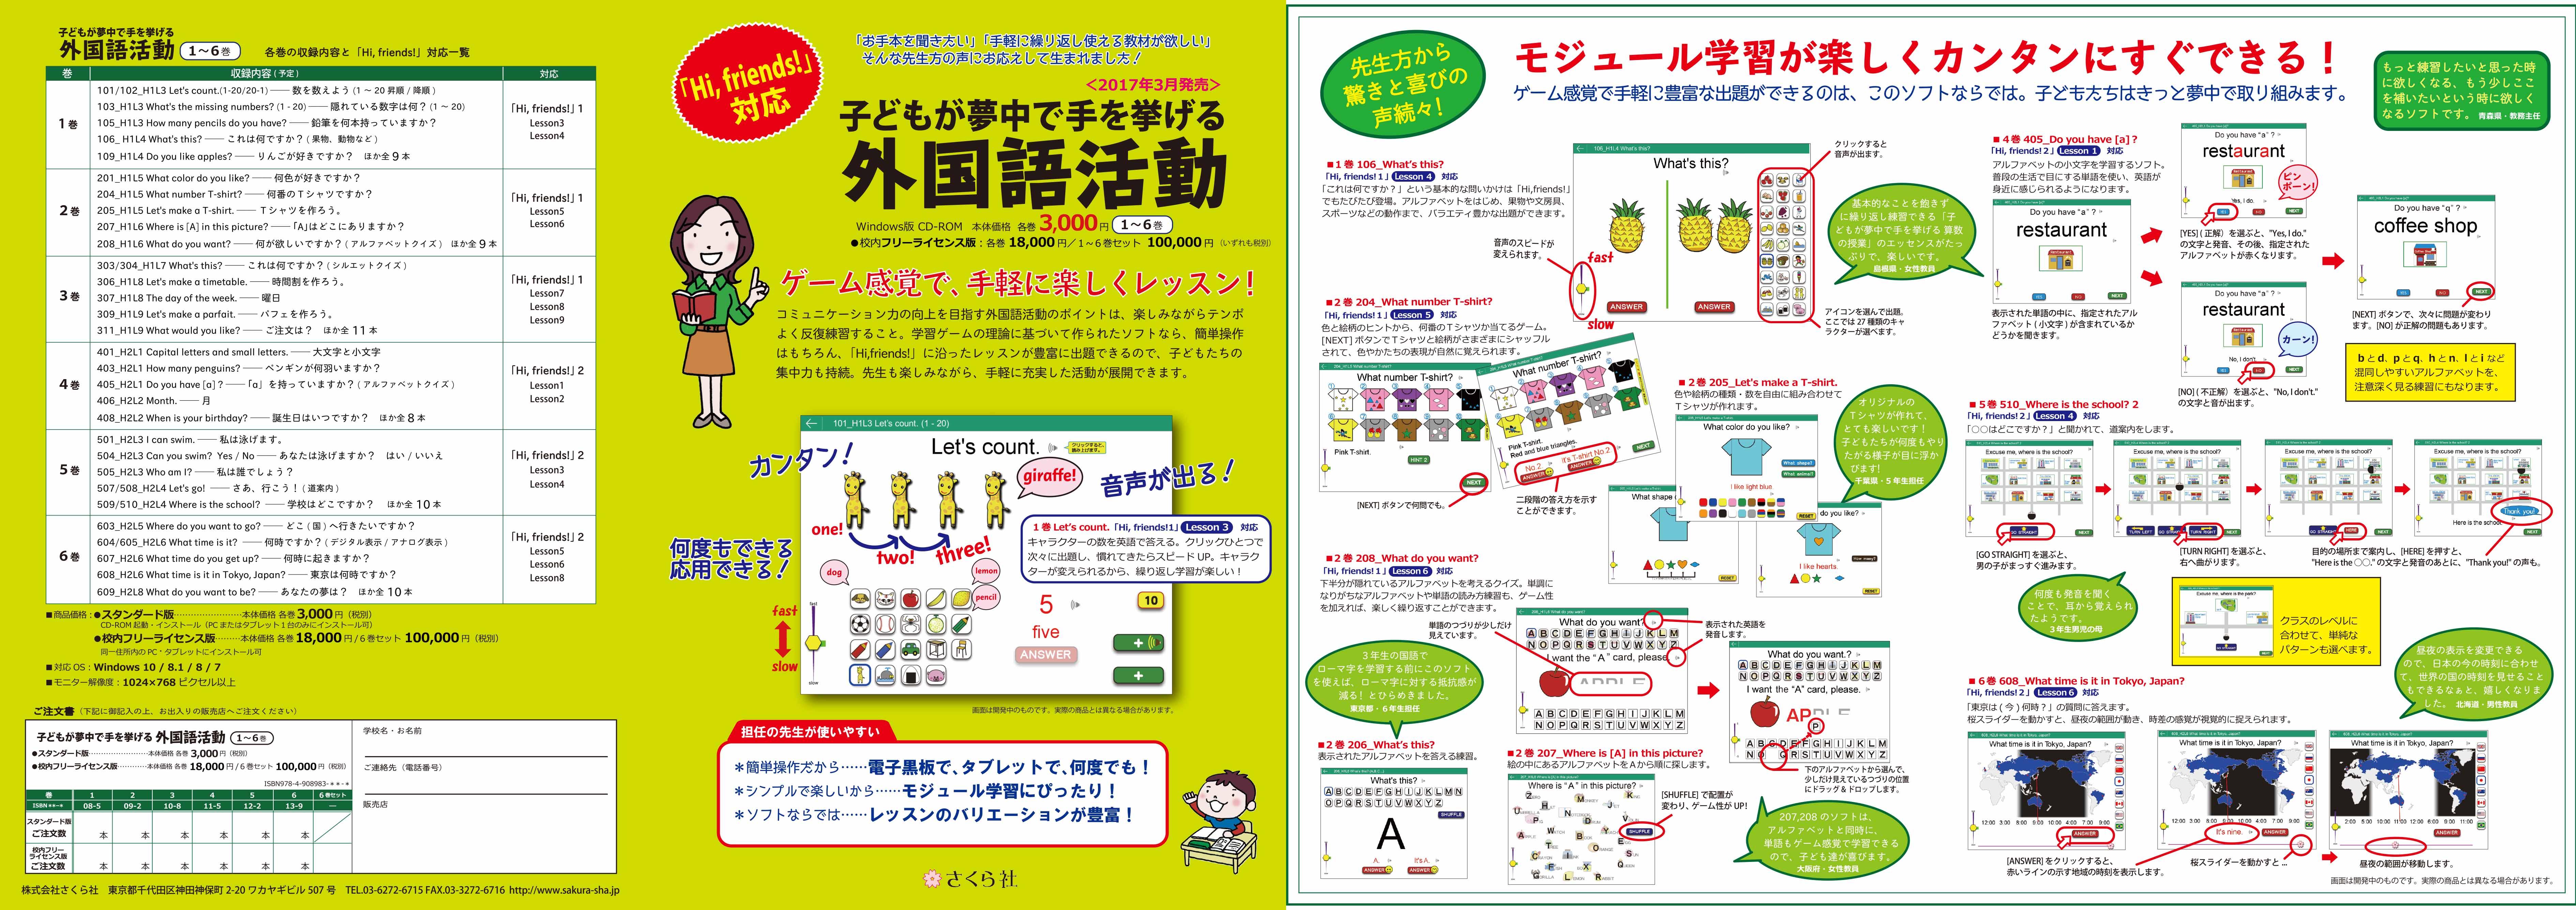 h29_gaikokugo_leaflet-2